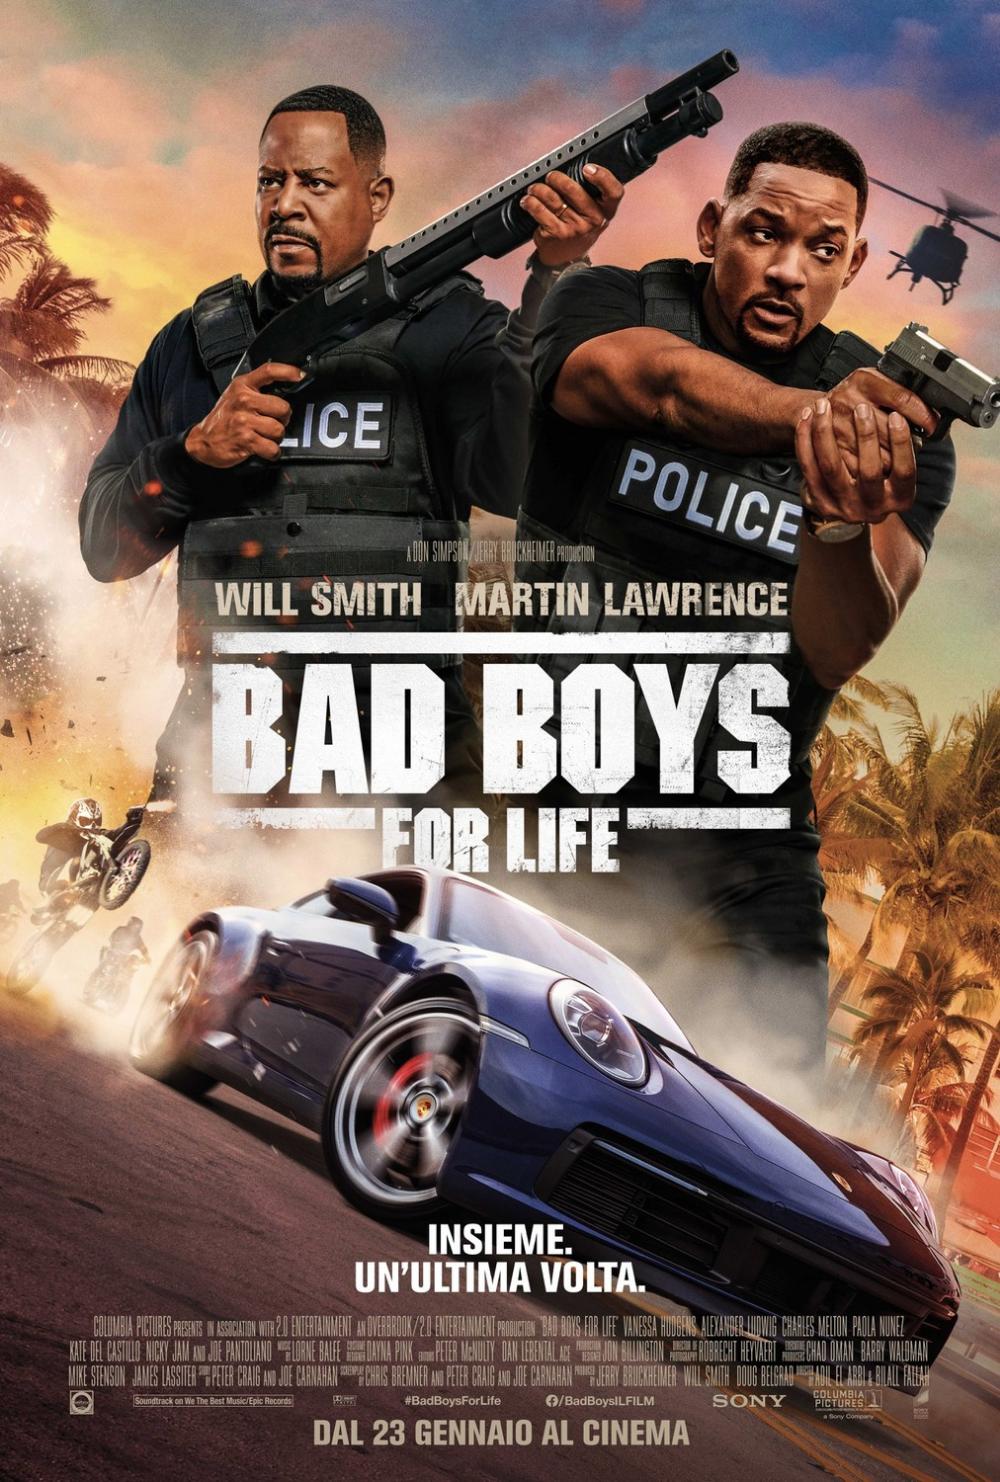 Return To The Main Poster Page For Bad Boys For Life 3 Of 3 Peliculas Completas Peliculas Completas Gratis Peliculas En Espanol